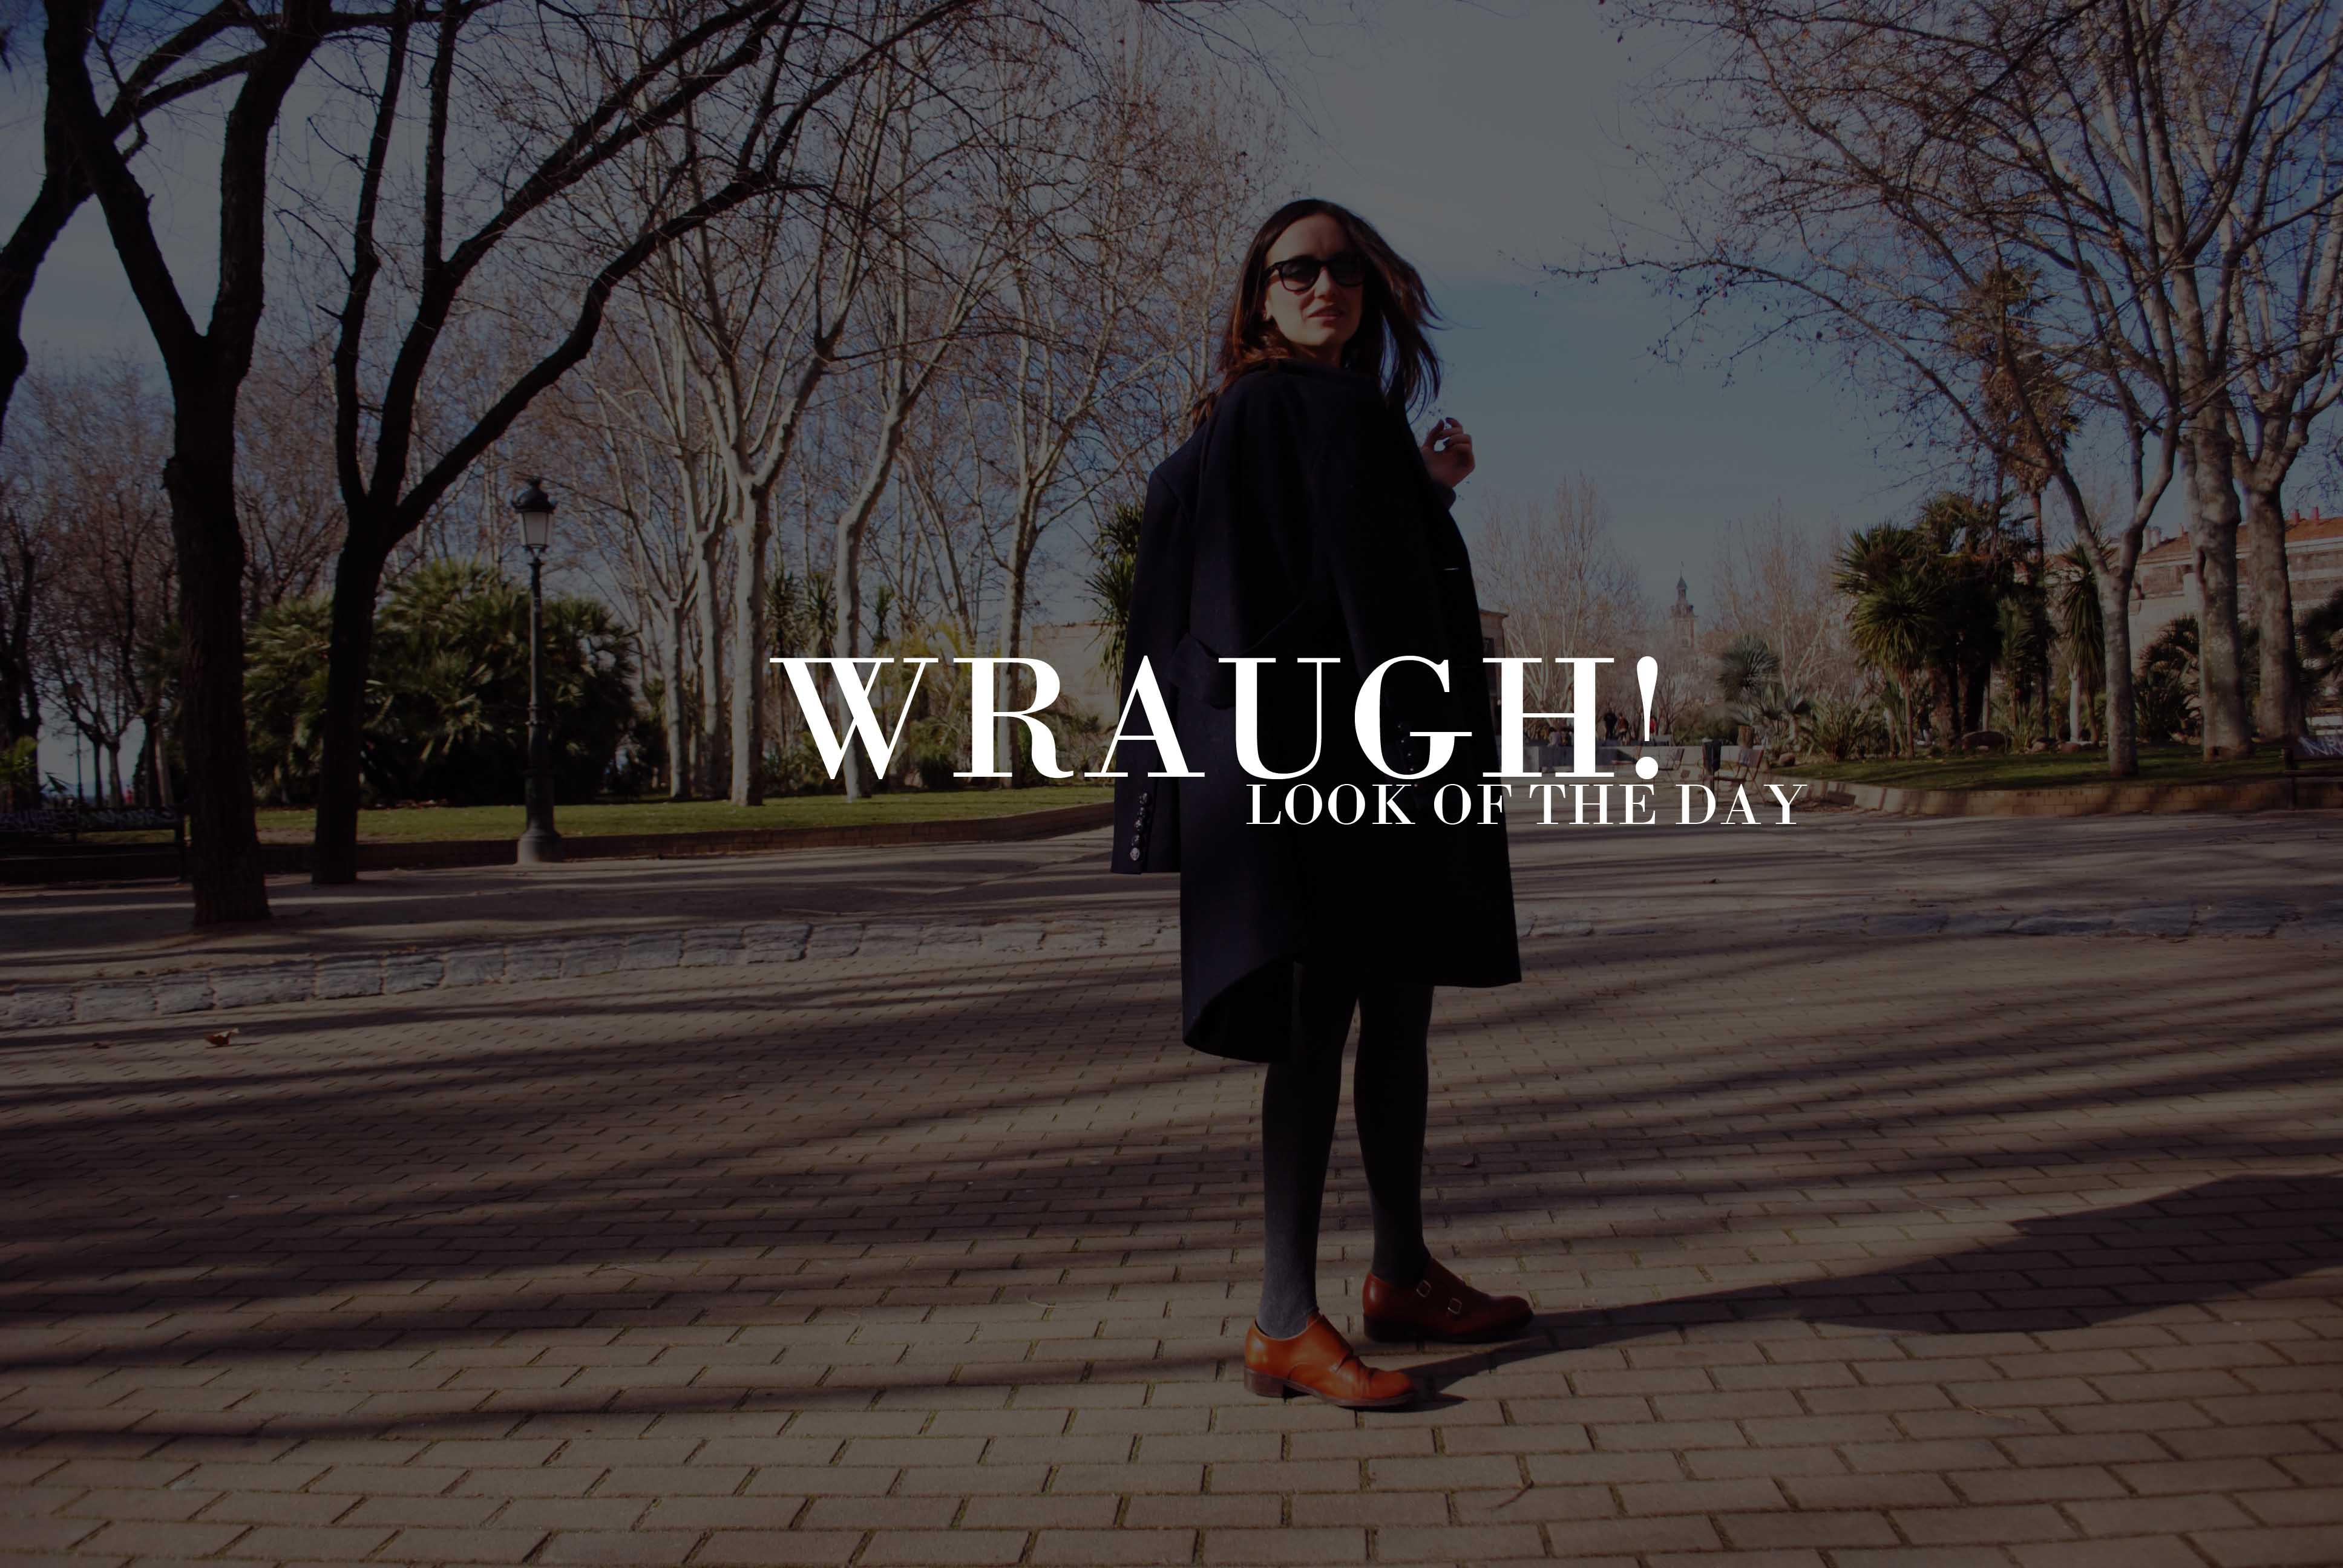 WRAUGH-49815-olindastyle